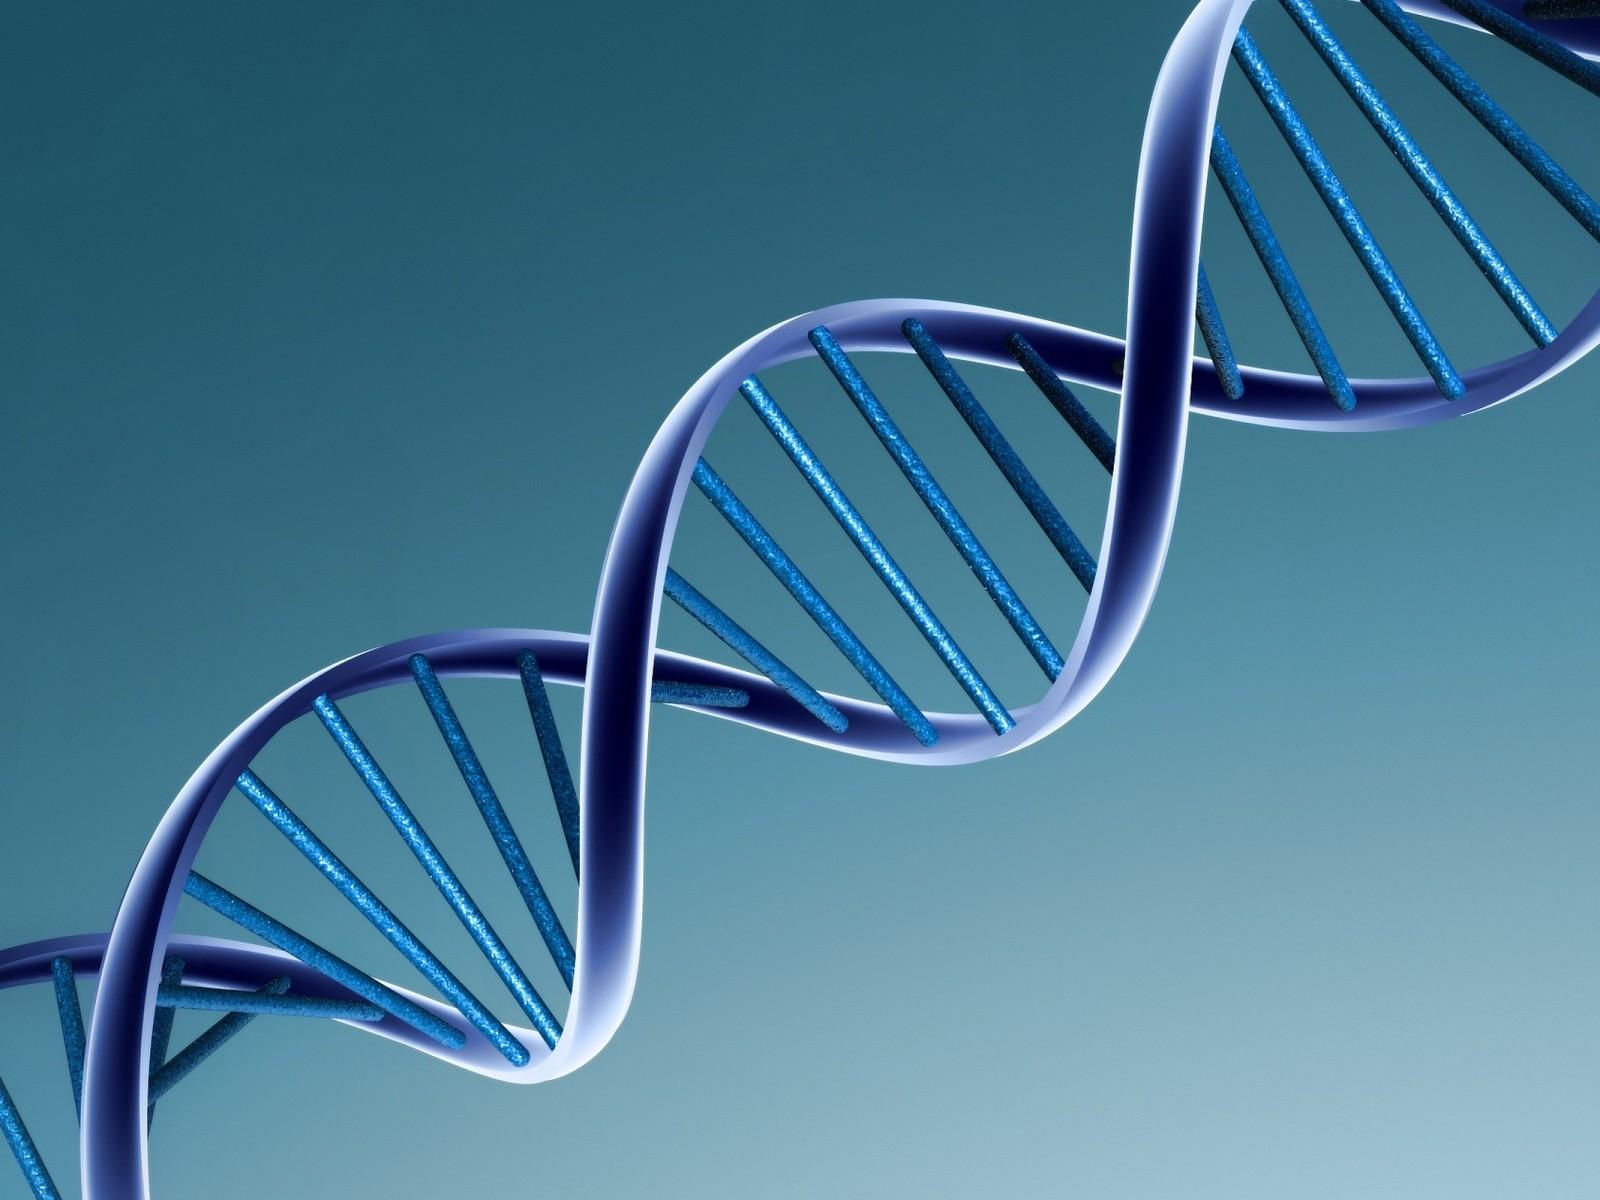 http://4.bp.blogspot.com/-fA2jCJKilBk/T1TZsZt6VbI/AAAAAAAAACs/Q5cTgpYWgTk/s1600/DNA.jpg